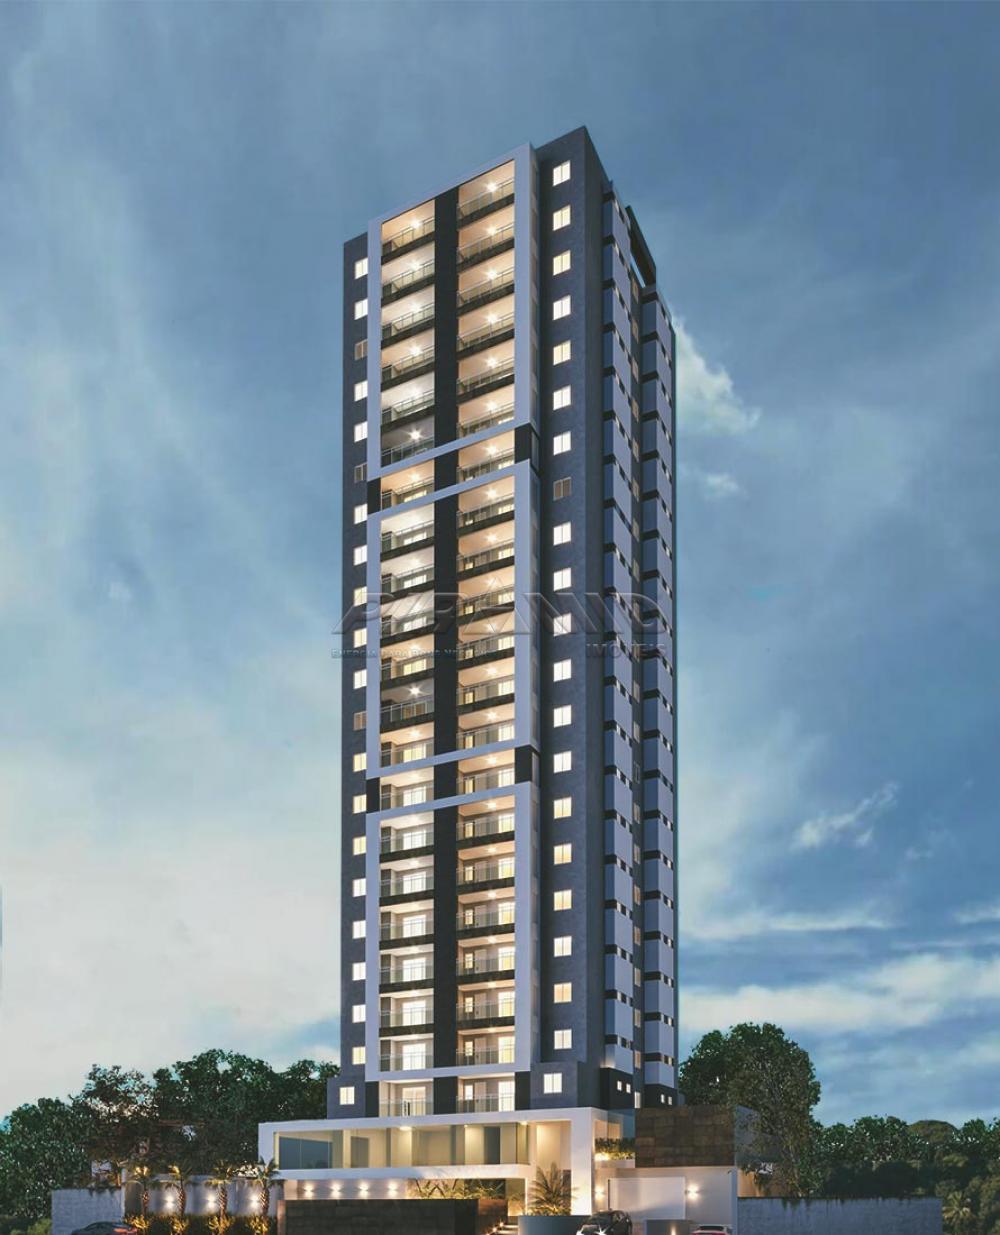 Comprar Apartamento / Padrão em Ribeirão Preto apenas R$ 496.935,00 - Foto 2